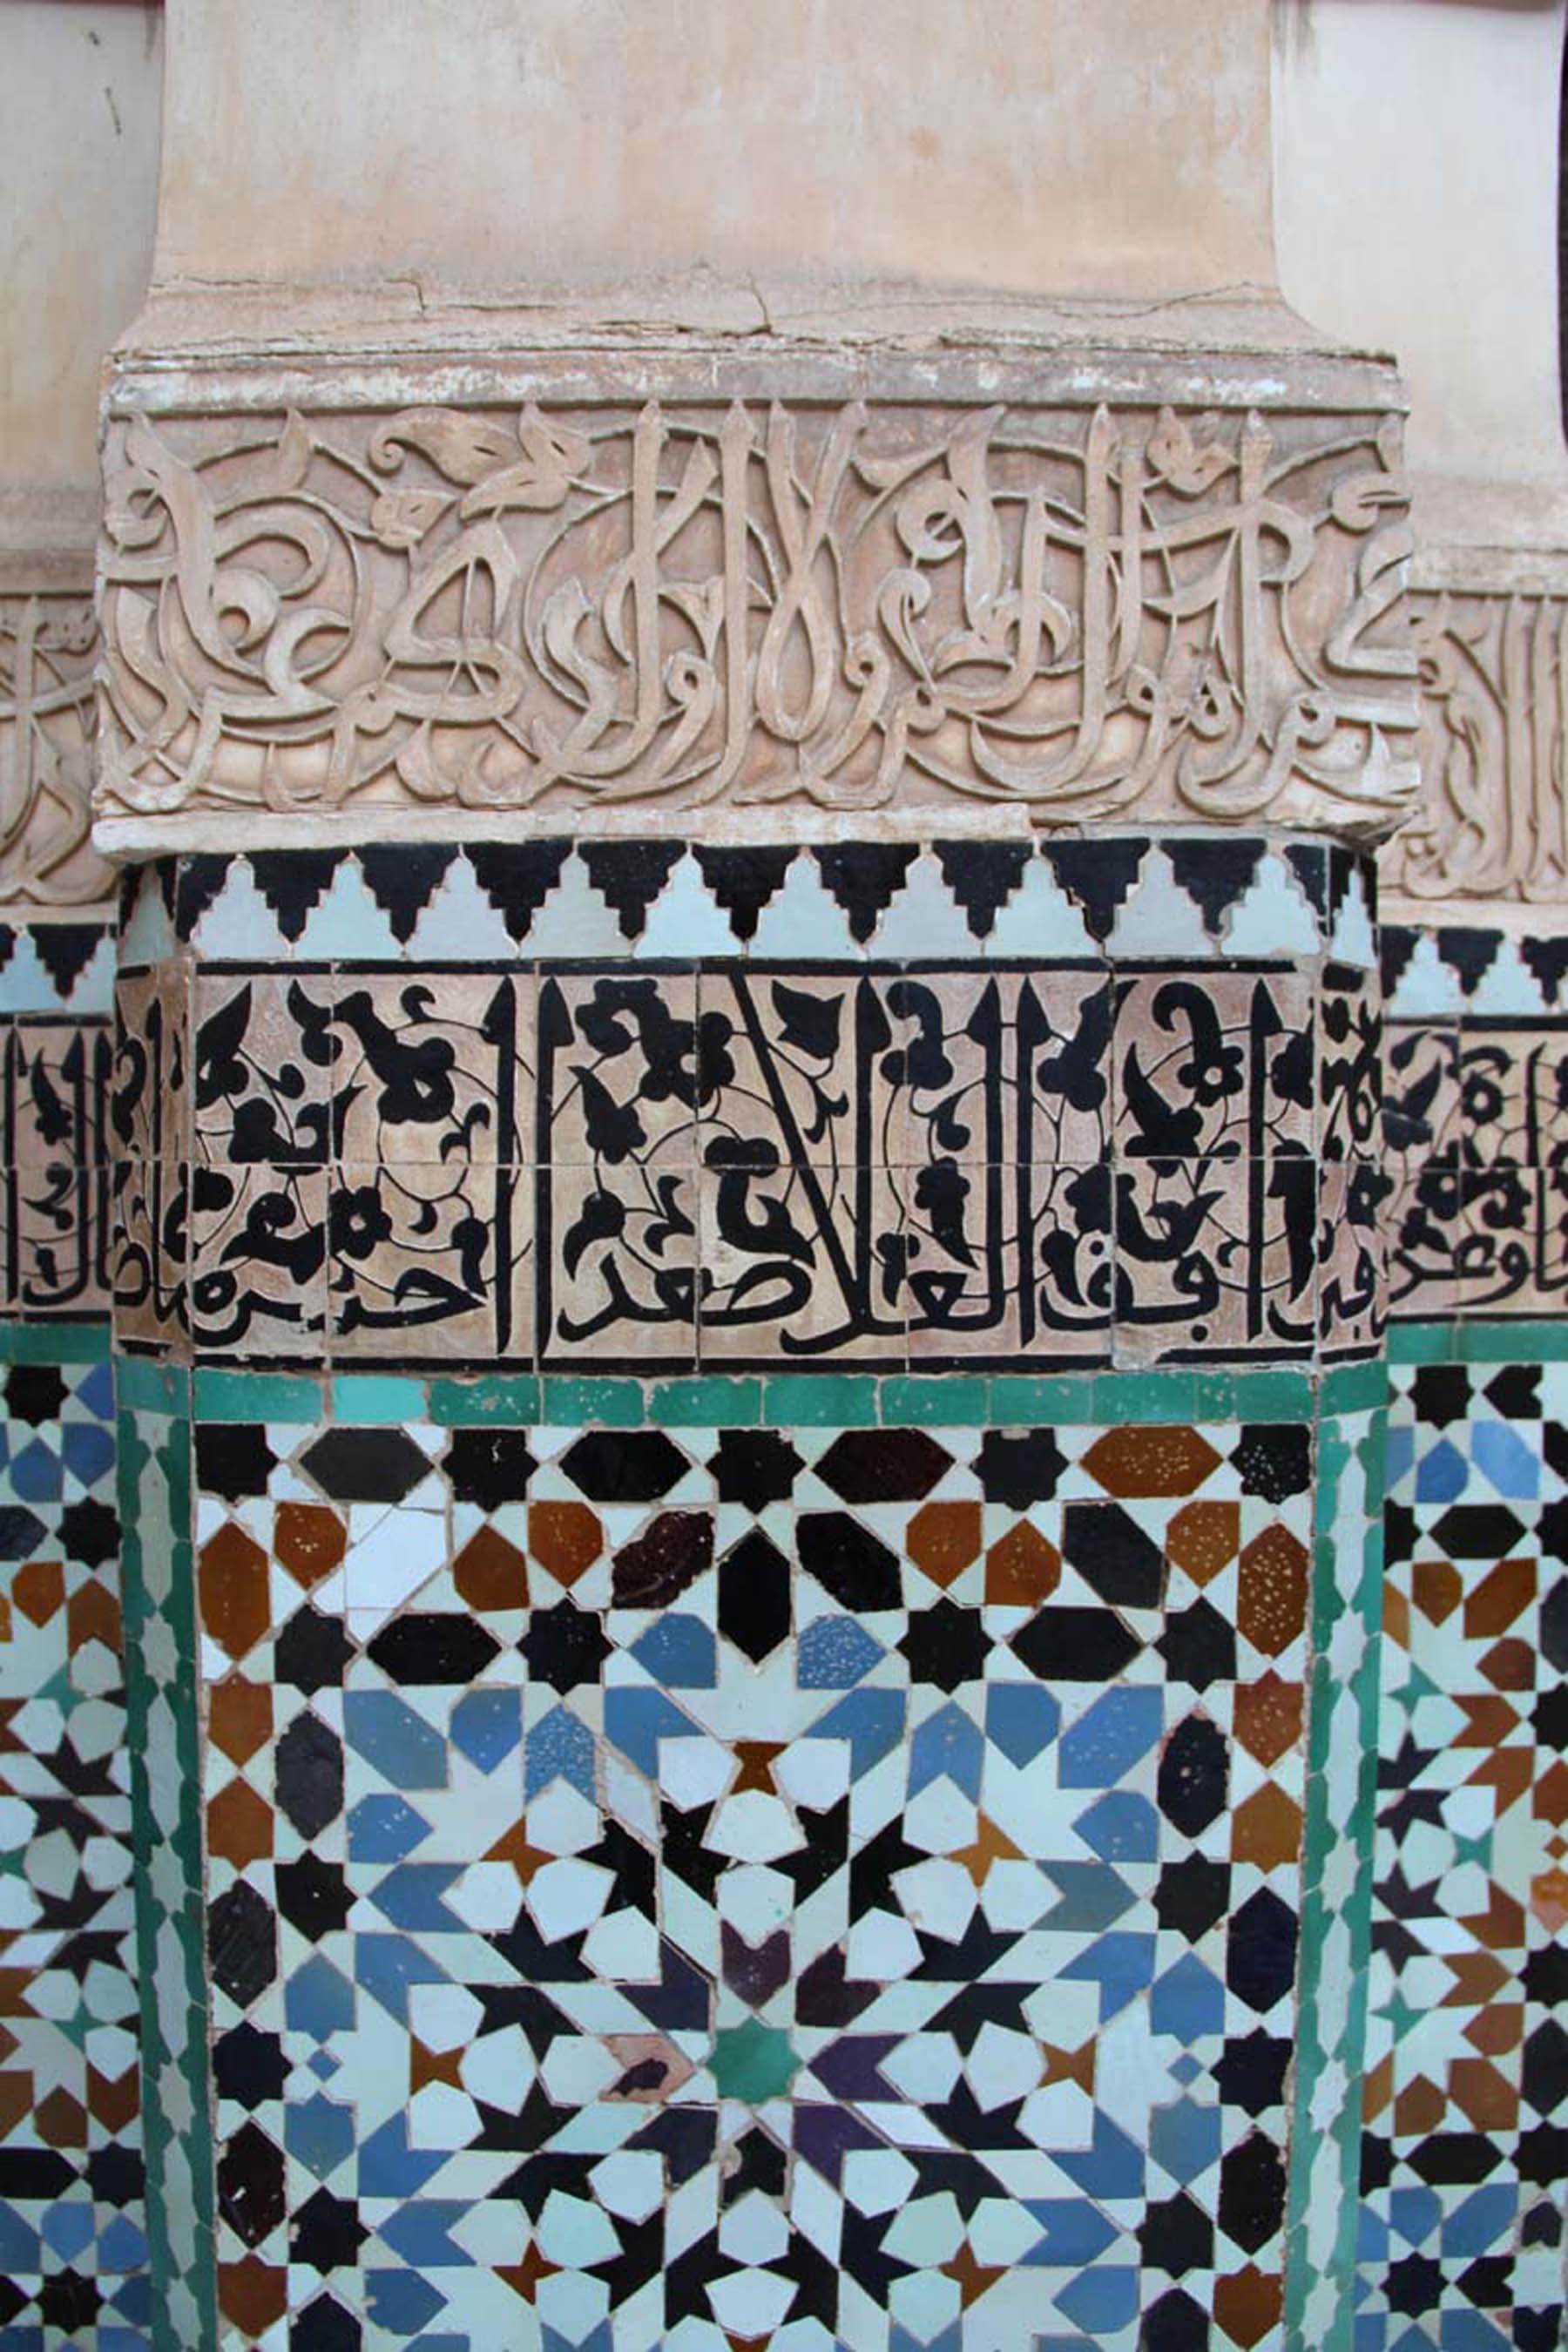 Moorish decorations in Ben Youssef Madrasa in Marrakech